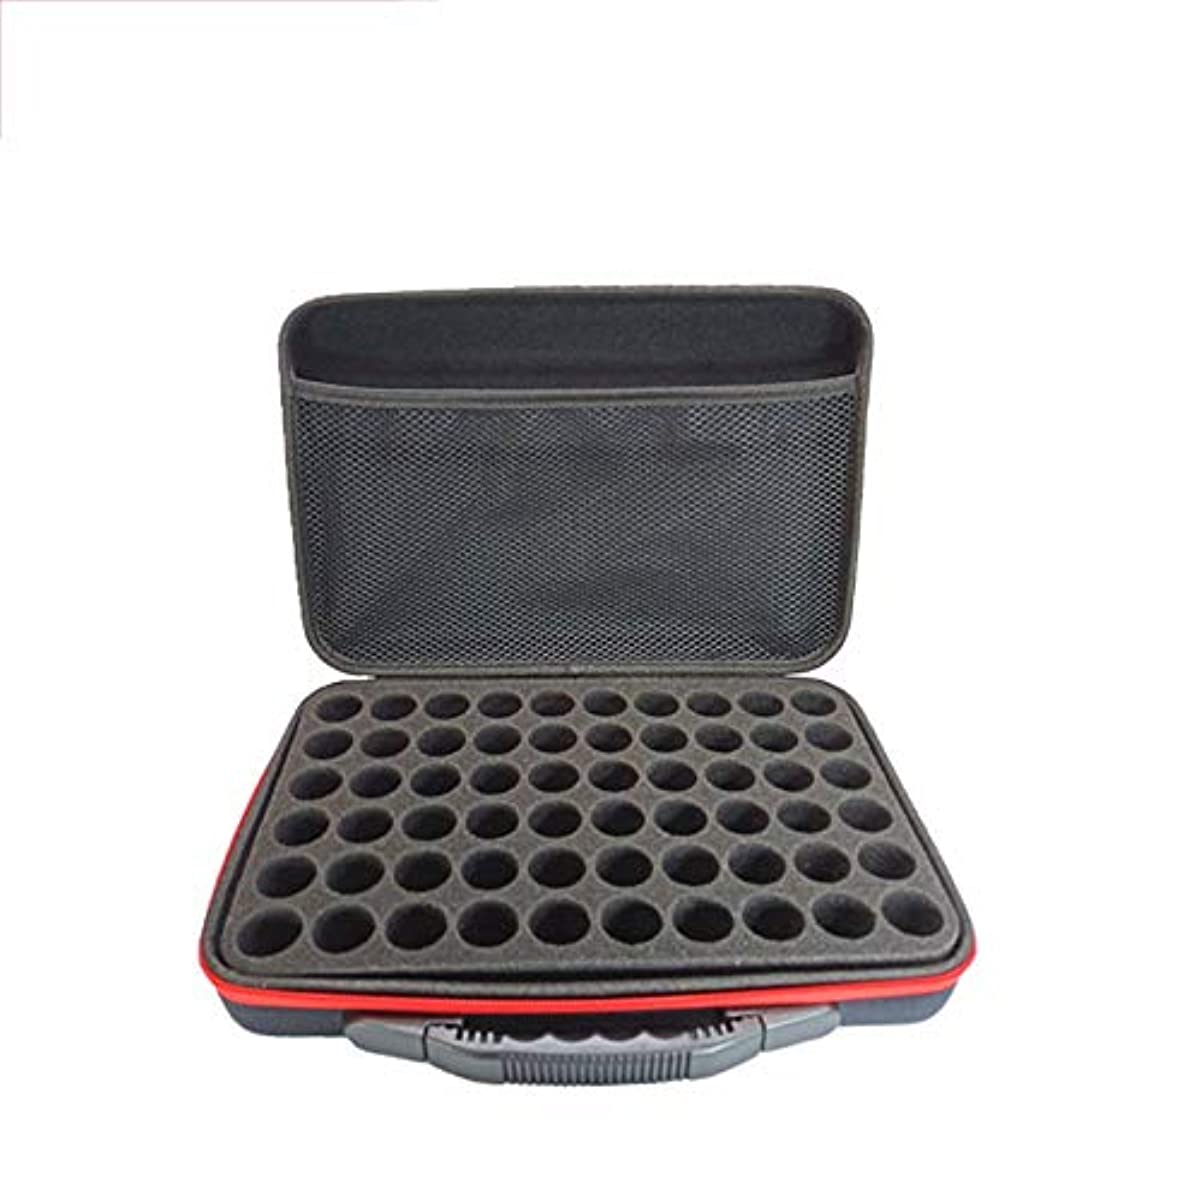 デコードするカップルシリングエッセンシャルオイル収納ボックス エッセンシャルオイルキャリングケースは、旅行のための60本のボトル15mlのトラベルオーガナイザーポーチバッグを(トップのハンドルキャリー)開催します ポータブル収納ボックス (色 : ブラック, サイズ : 32X22X9CM)